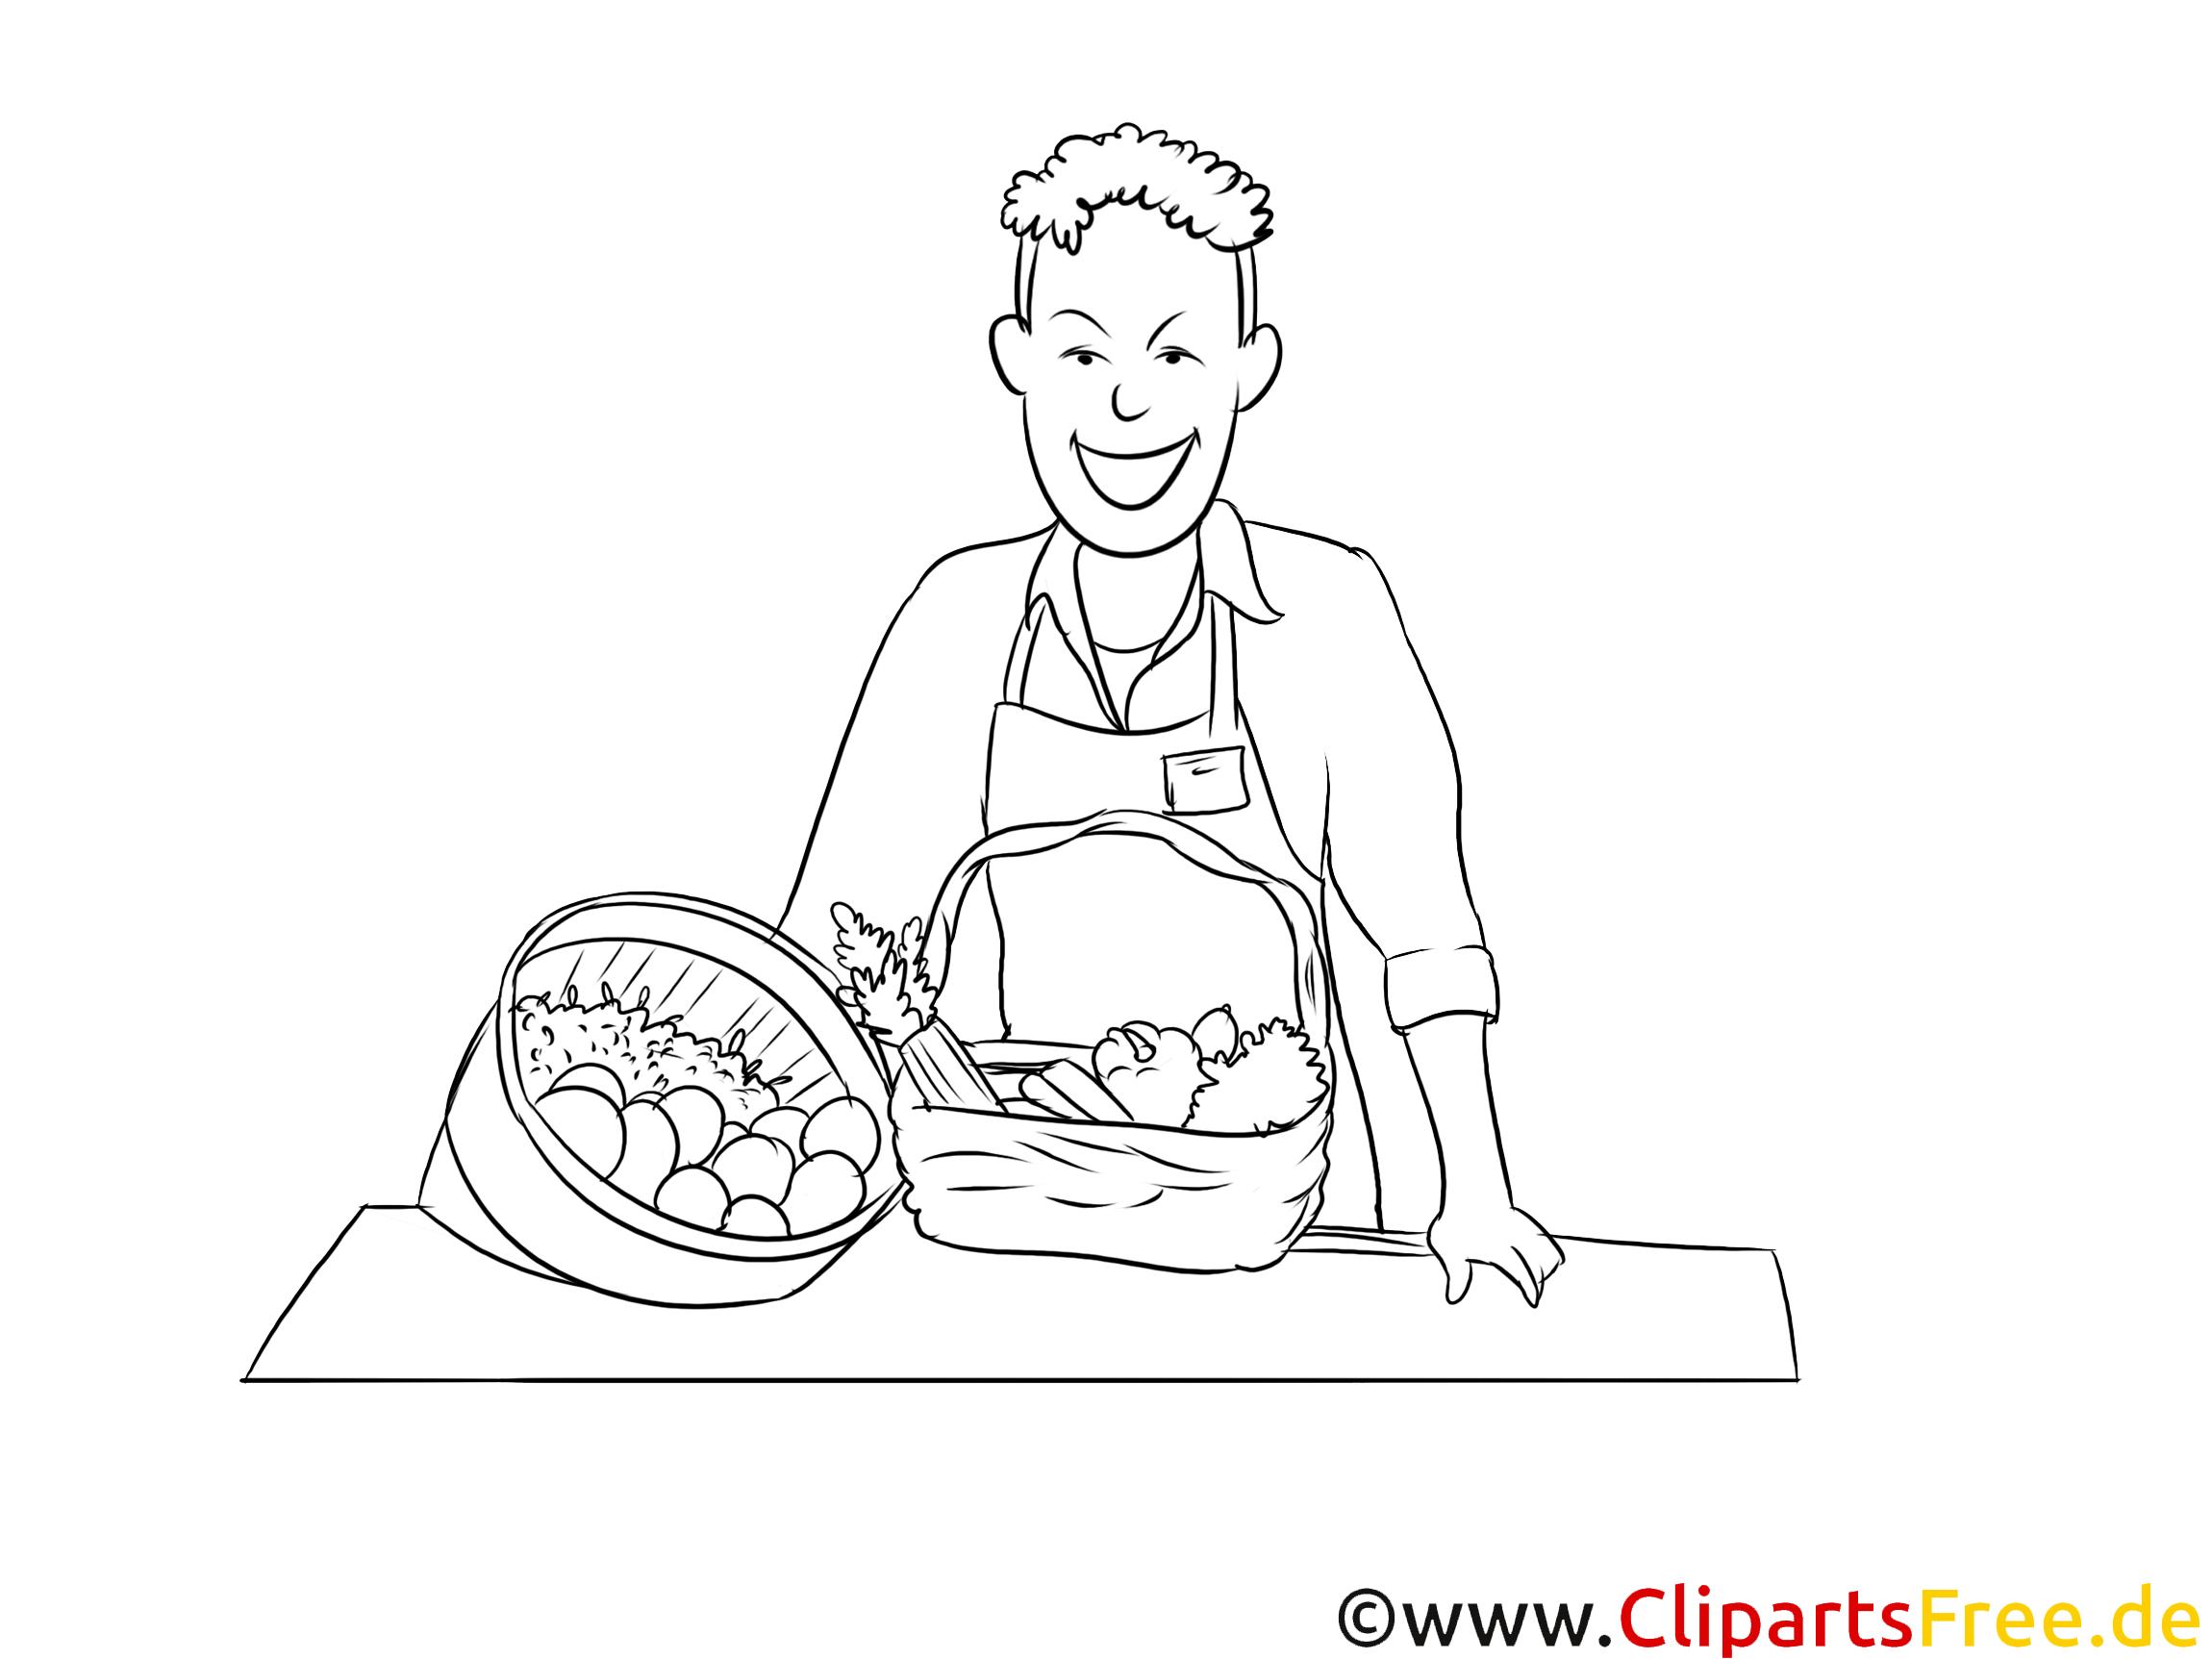 Fachverkäufer im Lebensmittelhandwerk druckbare schwarz-weiße Cliparts, Grafiken kostenlos